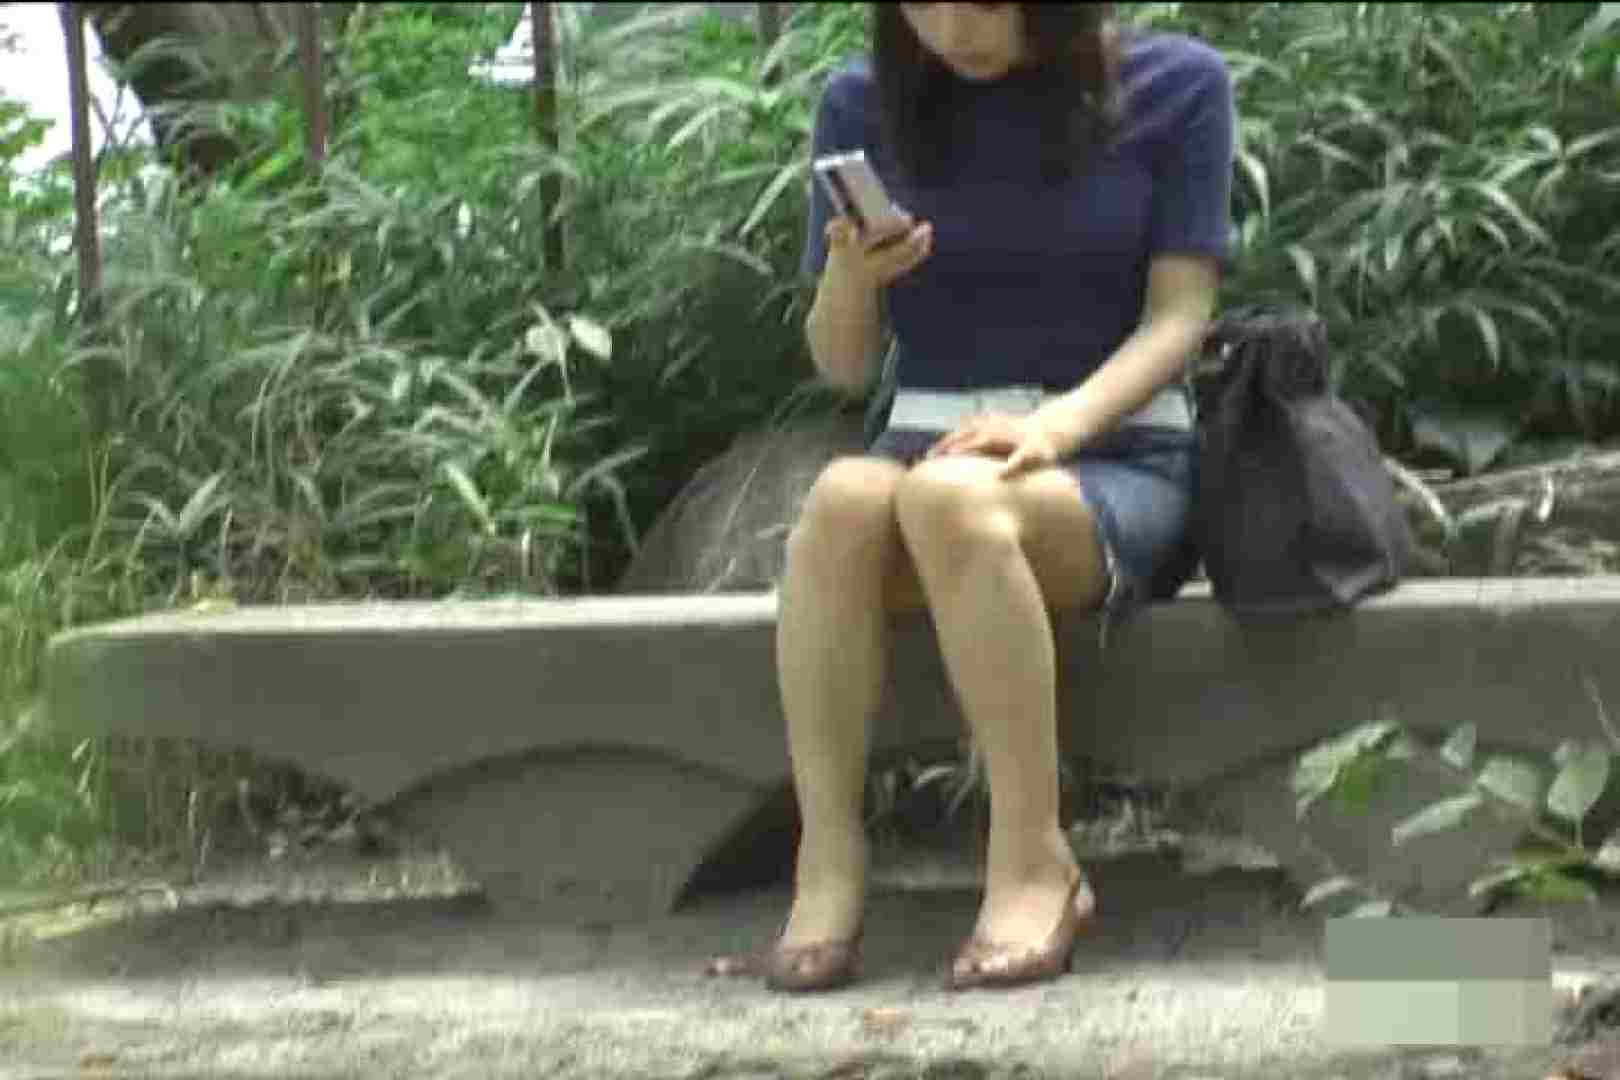 検証!隠し撮りスカートめくり!!Vol.8 ミニスカート | OLセックス  108画像 10